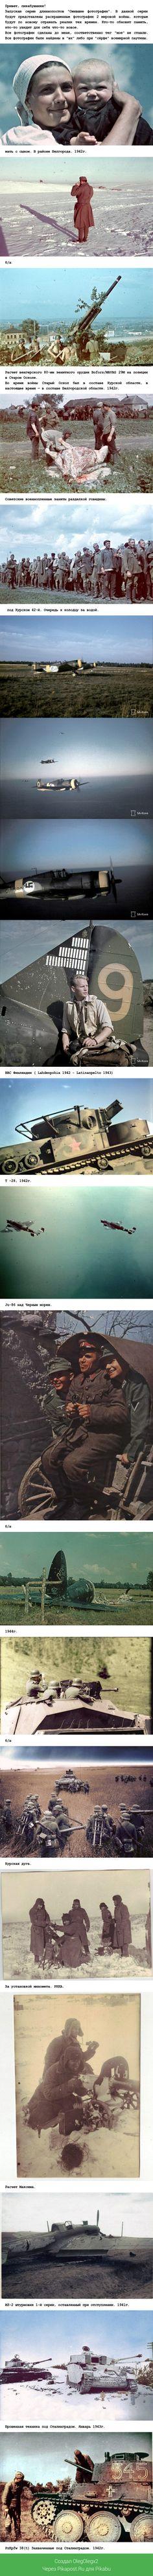 Ожившие фотографии (1) вторая мировая война, Фото, фотография, восстановление, длиннопост